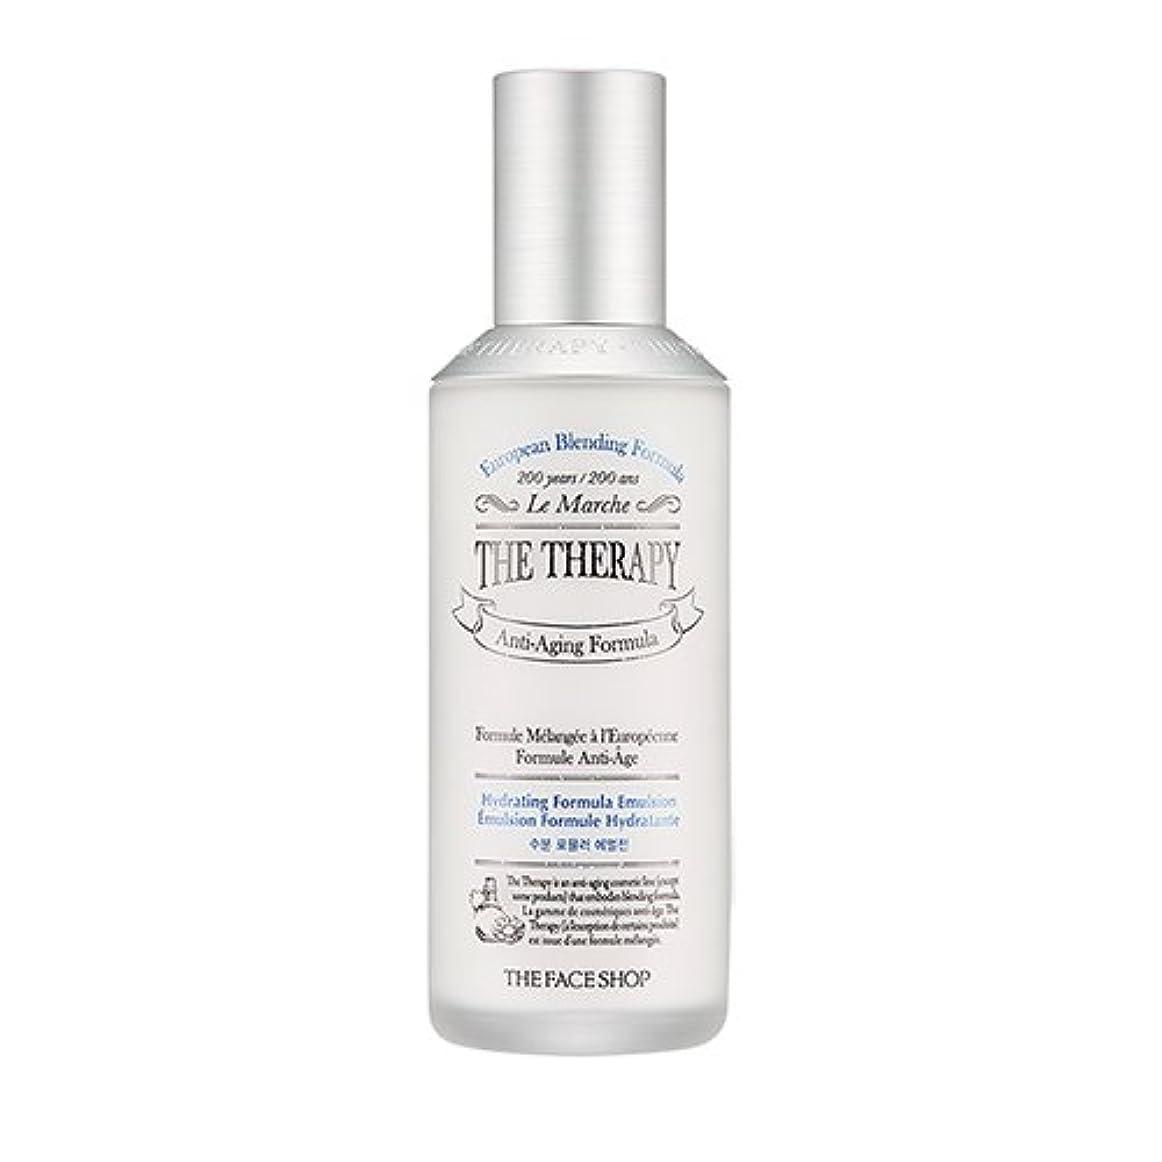 宣伝長いです活力THE FACE SHOP The Therapy Hydrating Formula Emulsion 130ml/ザフェイスショップ ザ セラピー ハイドレーティング フォーミュラ エマルジョン 130ml